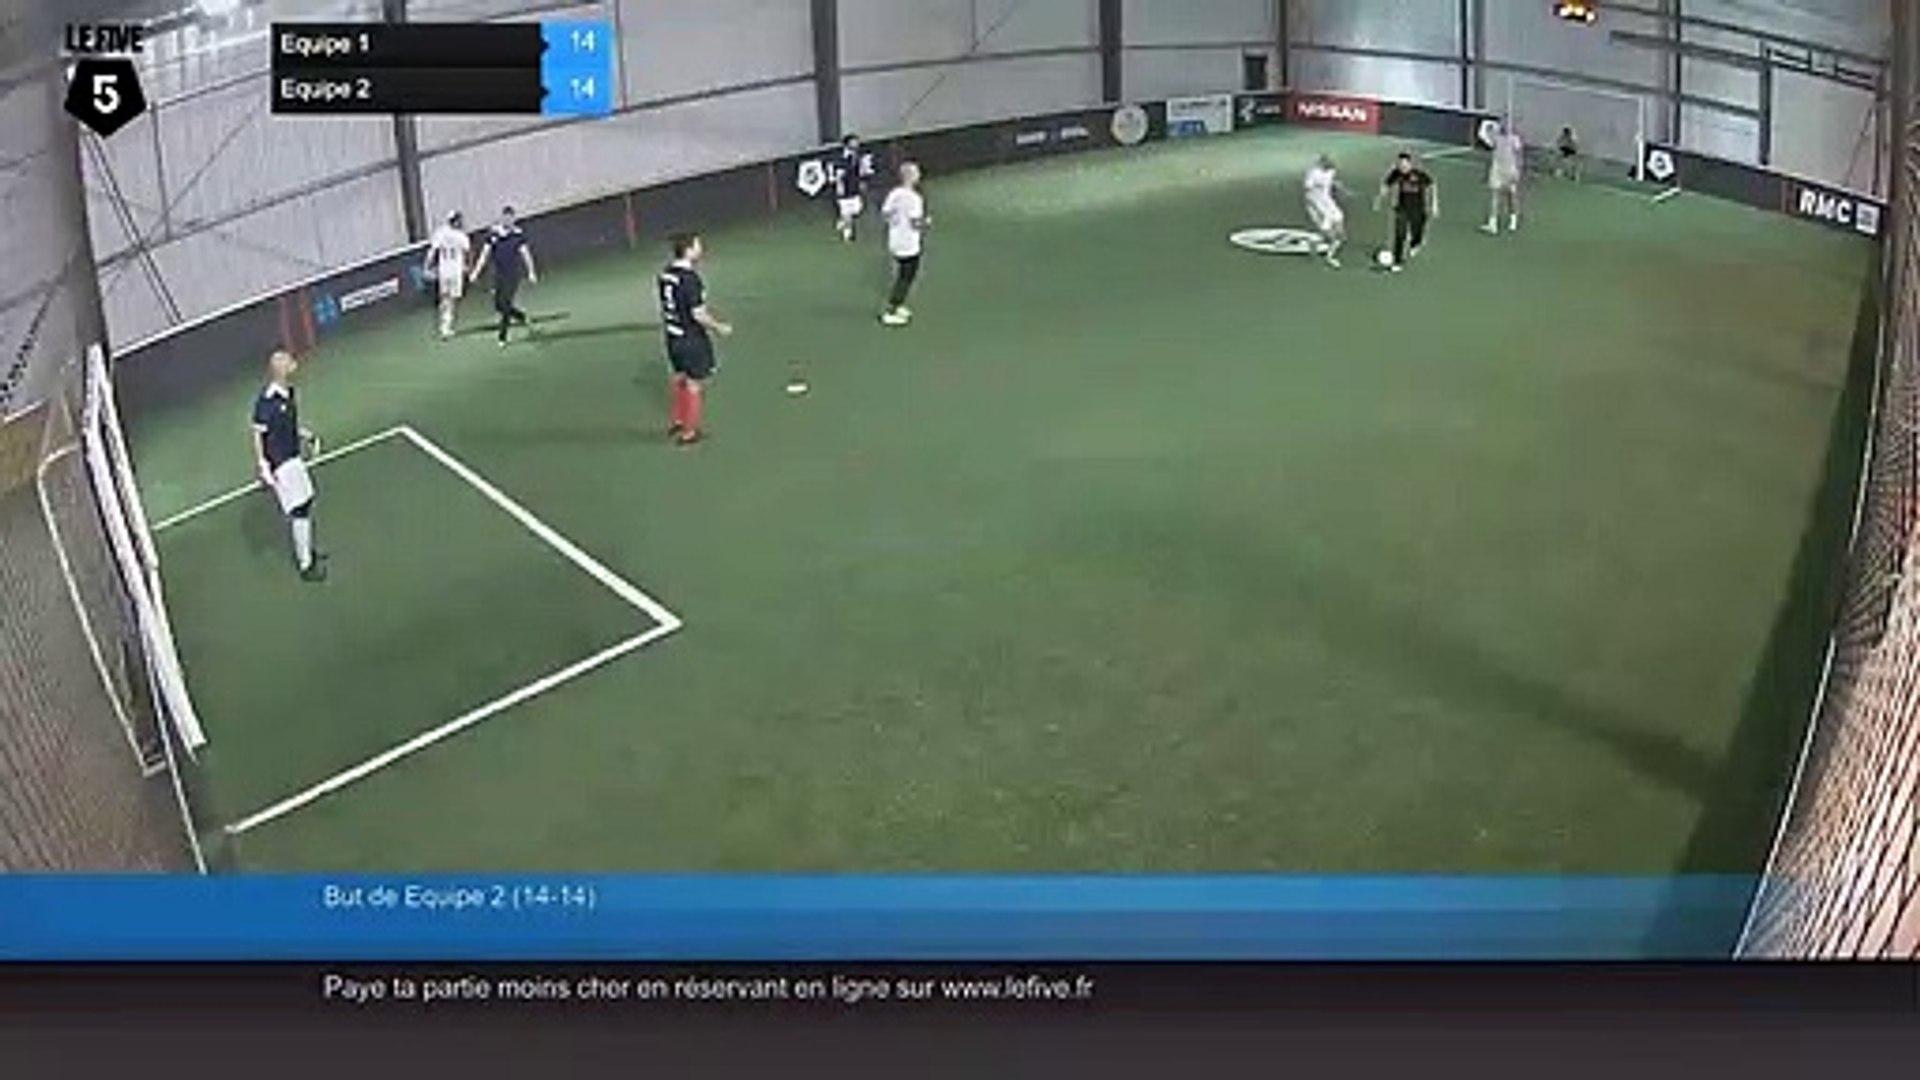 But de Equipe 2 (14-14) - Equipe 1 Vs Equipe 2 - 14/03/19 20:44 - Loisir Champigny